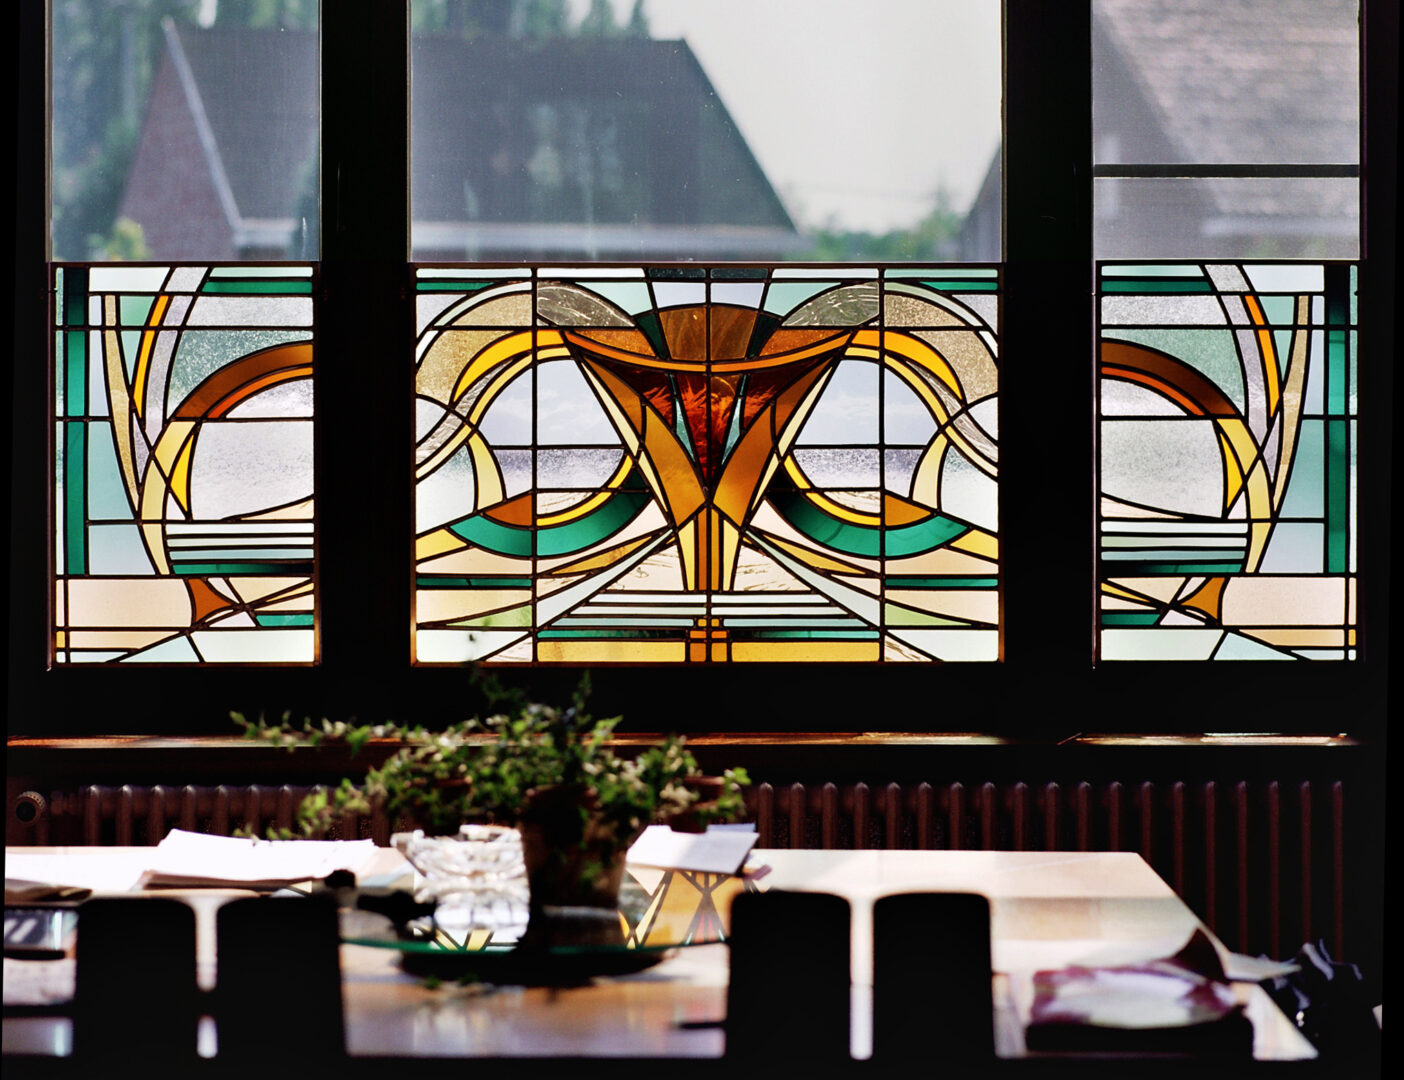 Brise-vue in Art Nouveau stijl, in historische villa te Zwijnaarde. Ontwerp: Ingrid Meyvaert © Dirk Antrop